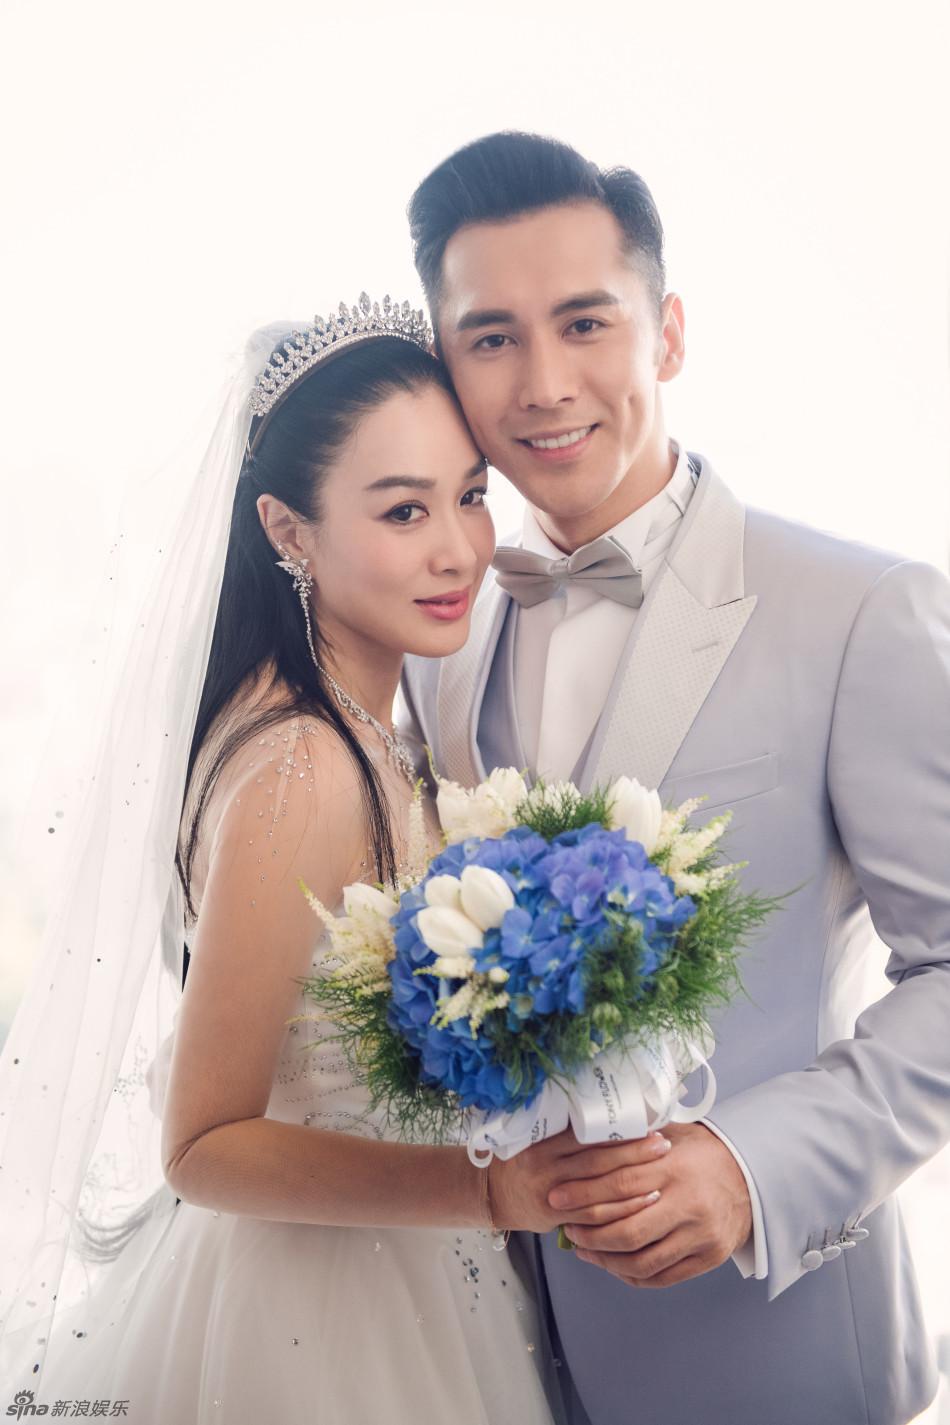 钟丽缇:谢谢张伦硕给了我一个完美的婚礼